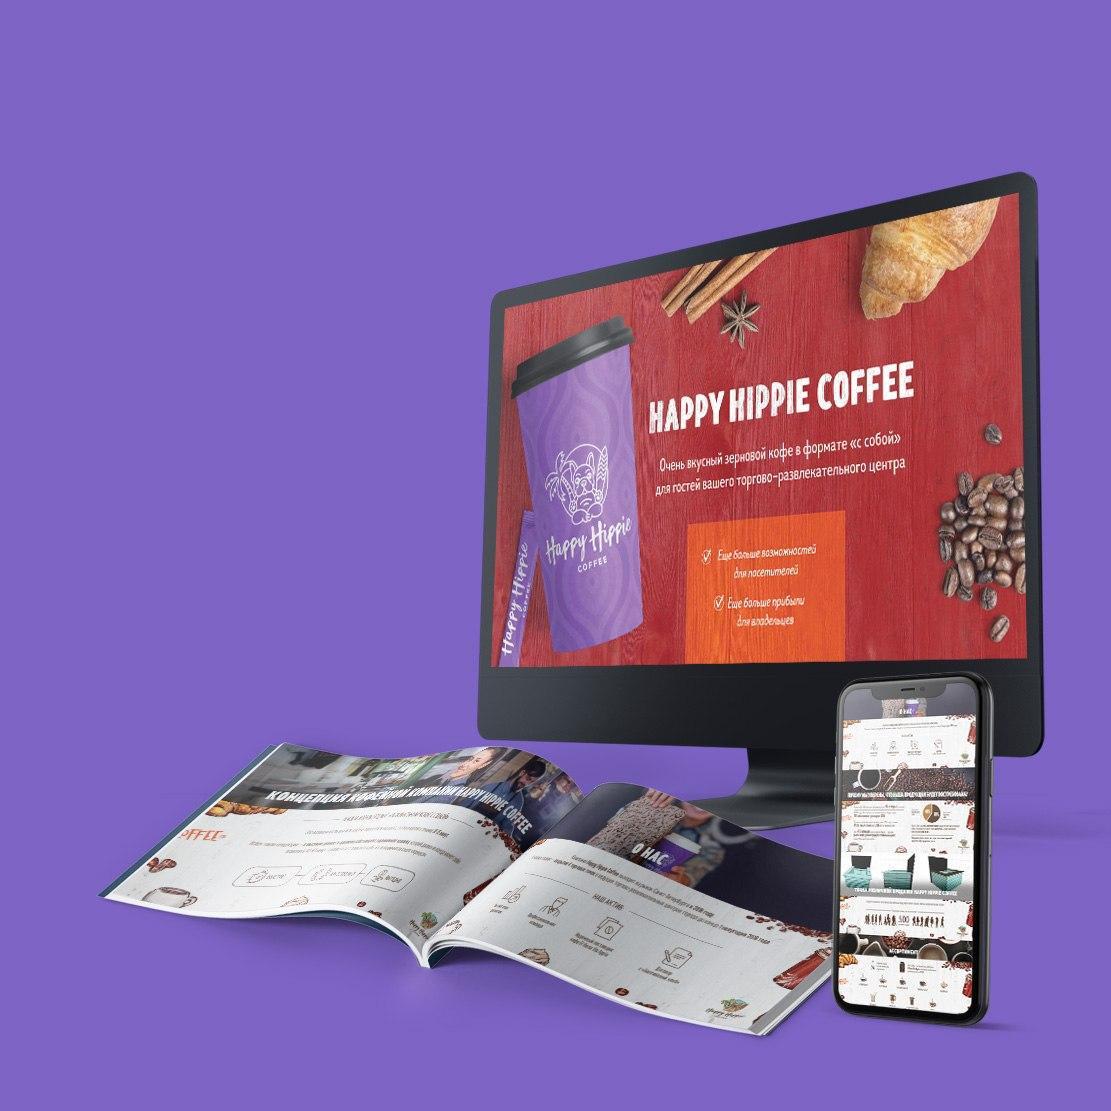 Презентация компании Happy Hippie Coffee для аренды места в торговом центре